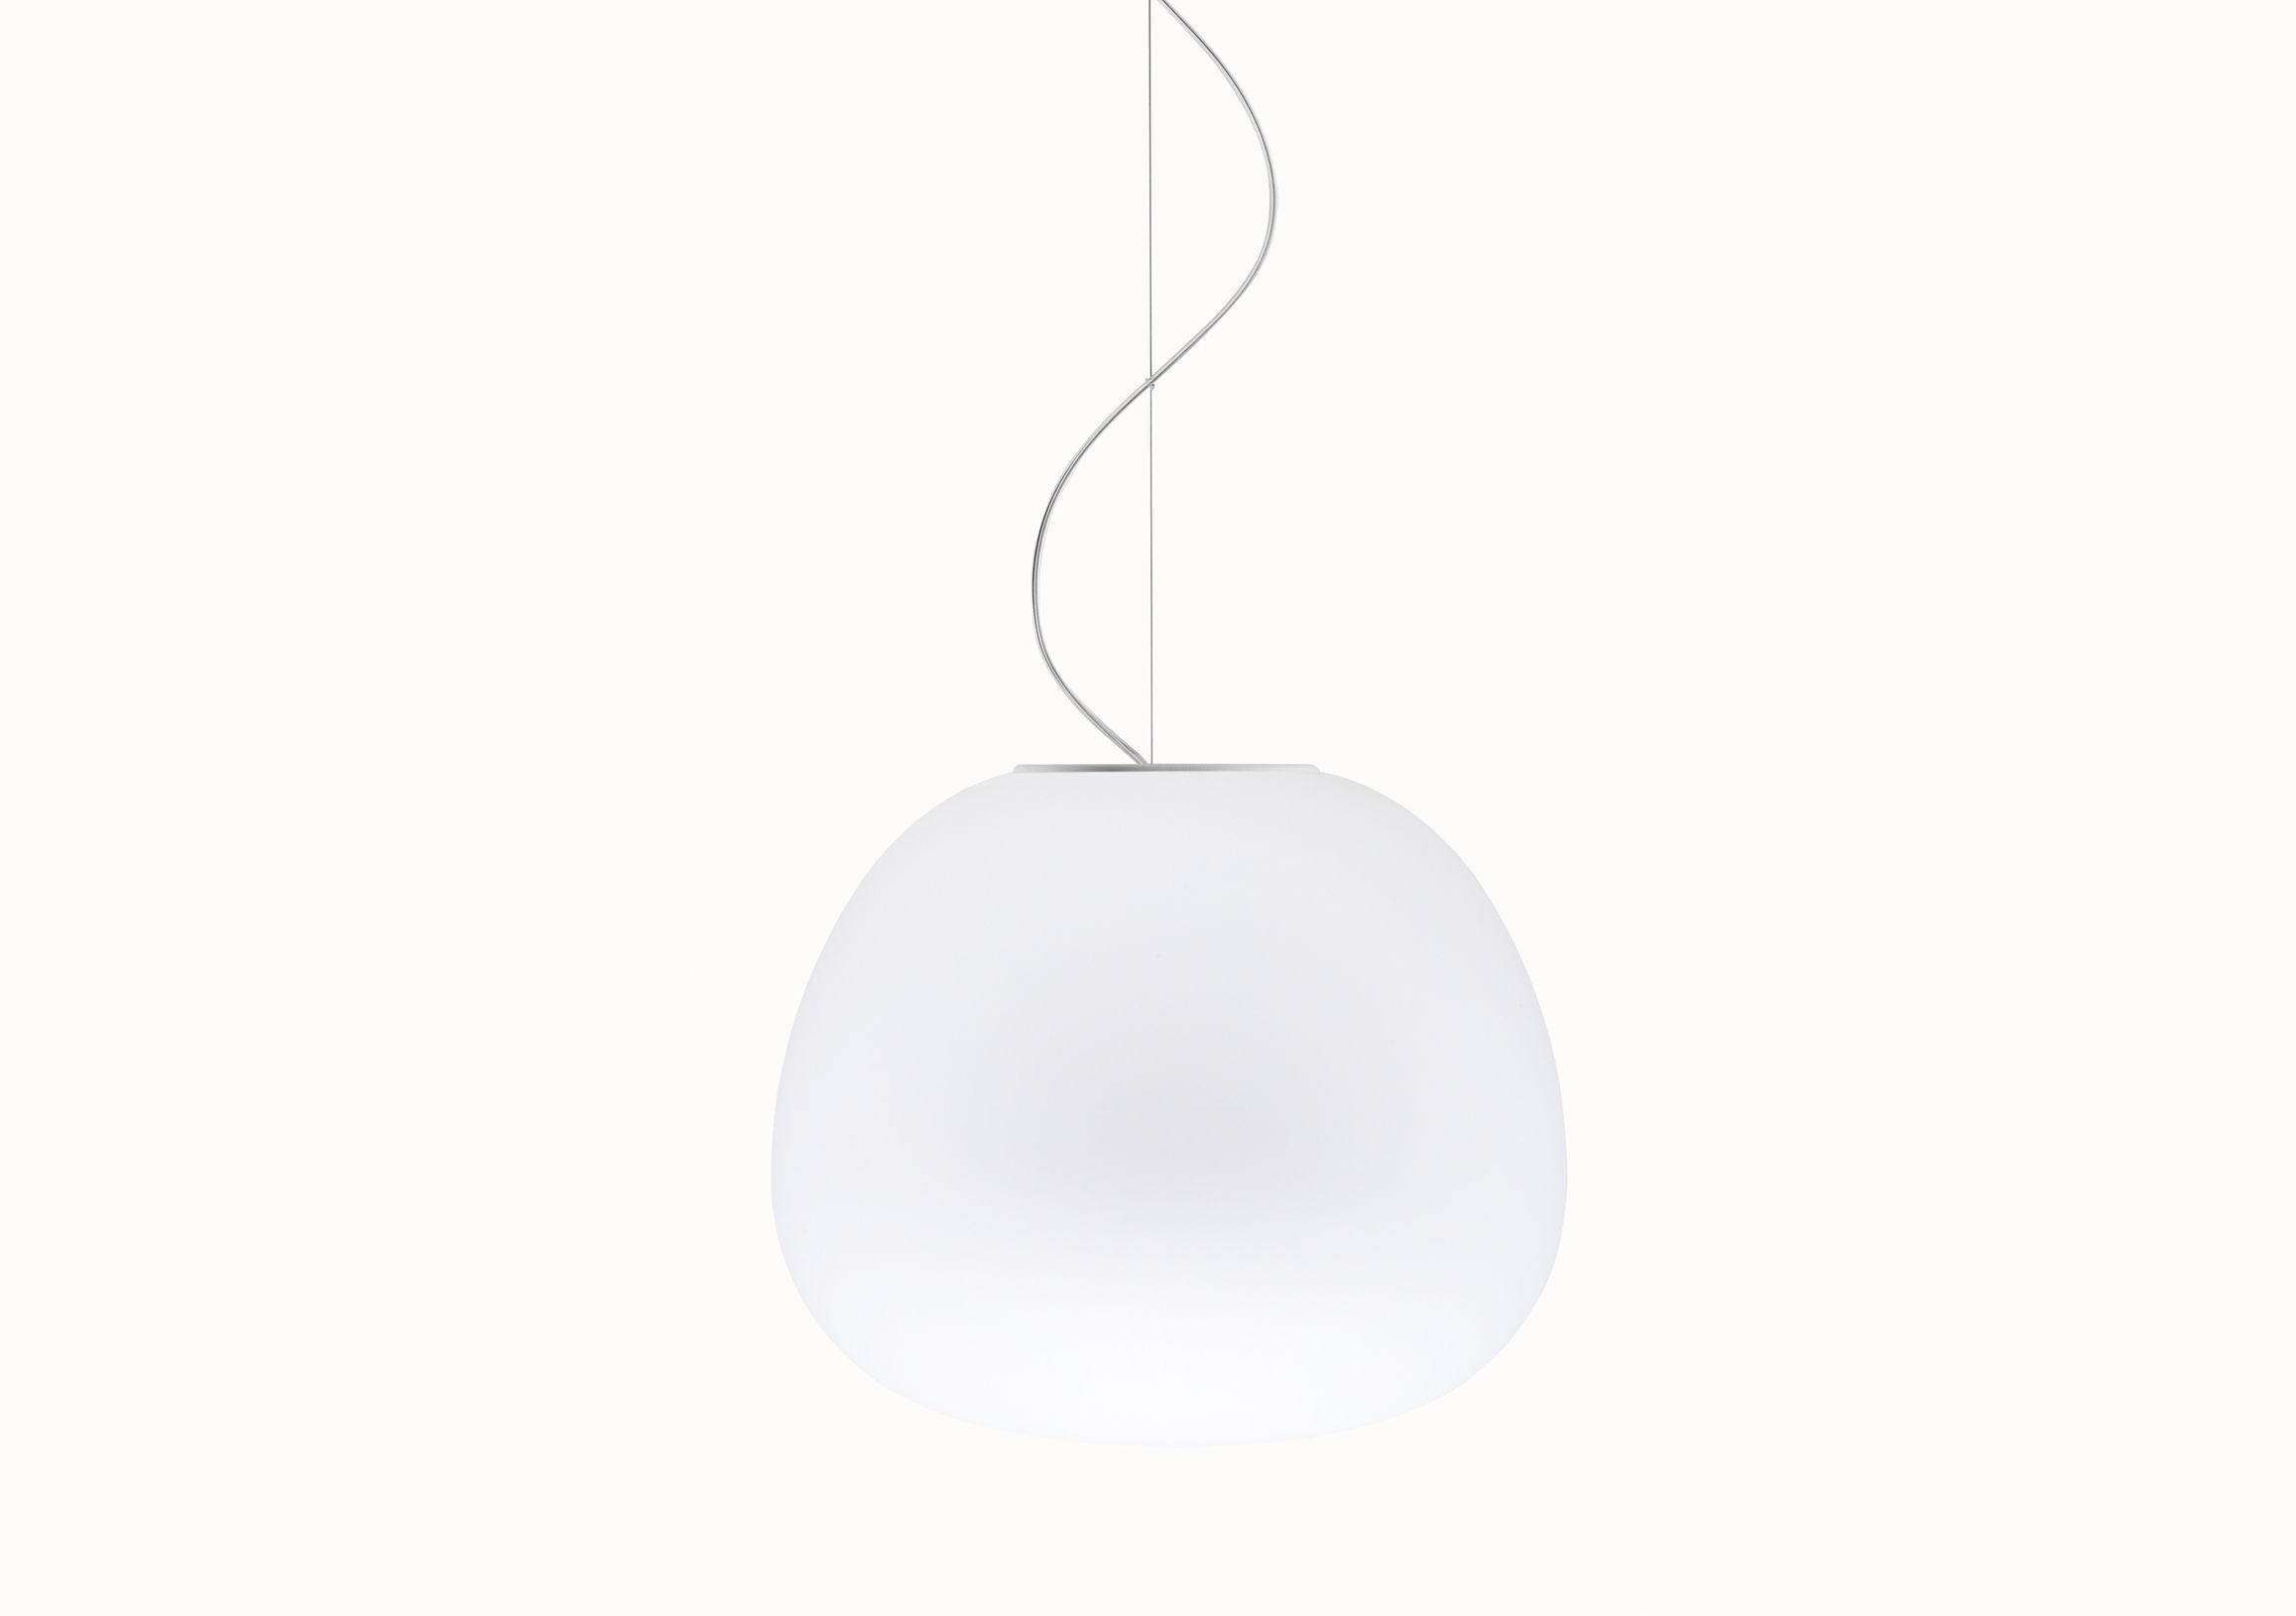 Leuchten - Pendelleuchten - Mochi Pendelleuchte Ø 45 cm - Fabbian - Weiß - Ø 45 cm - Glas